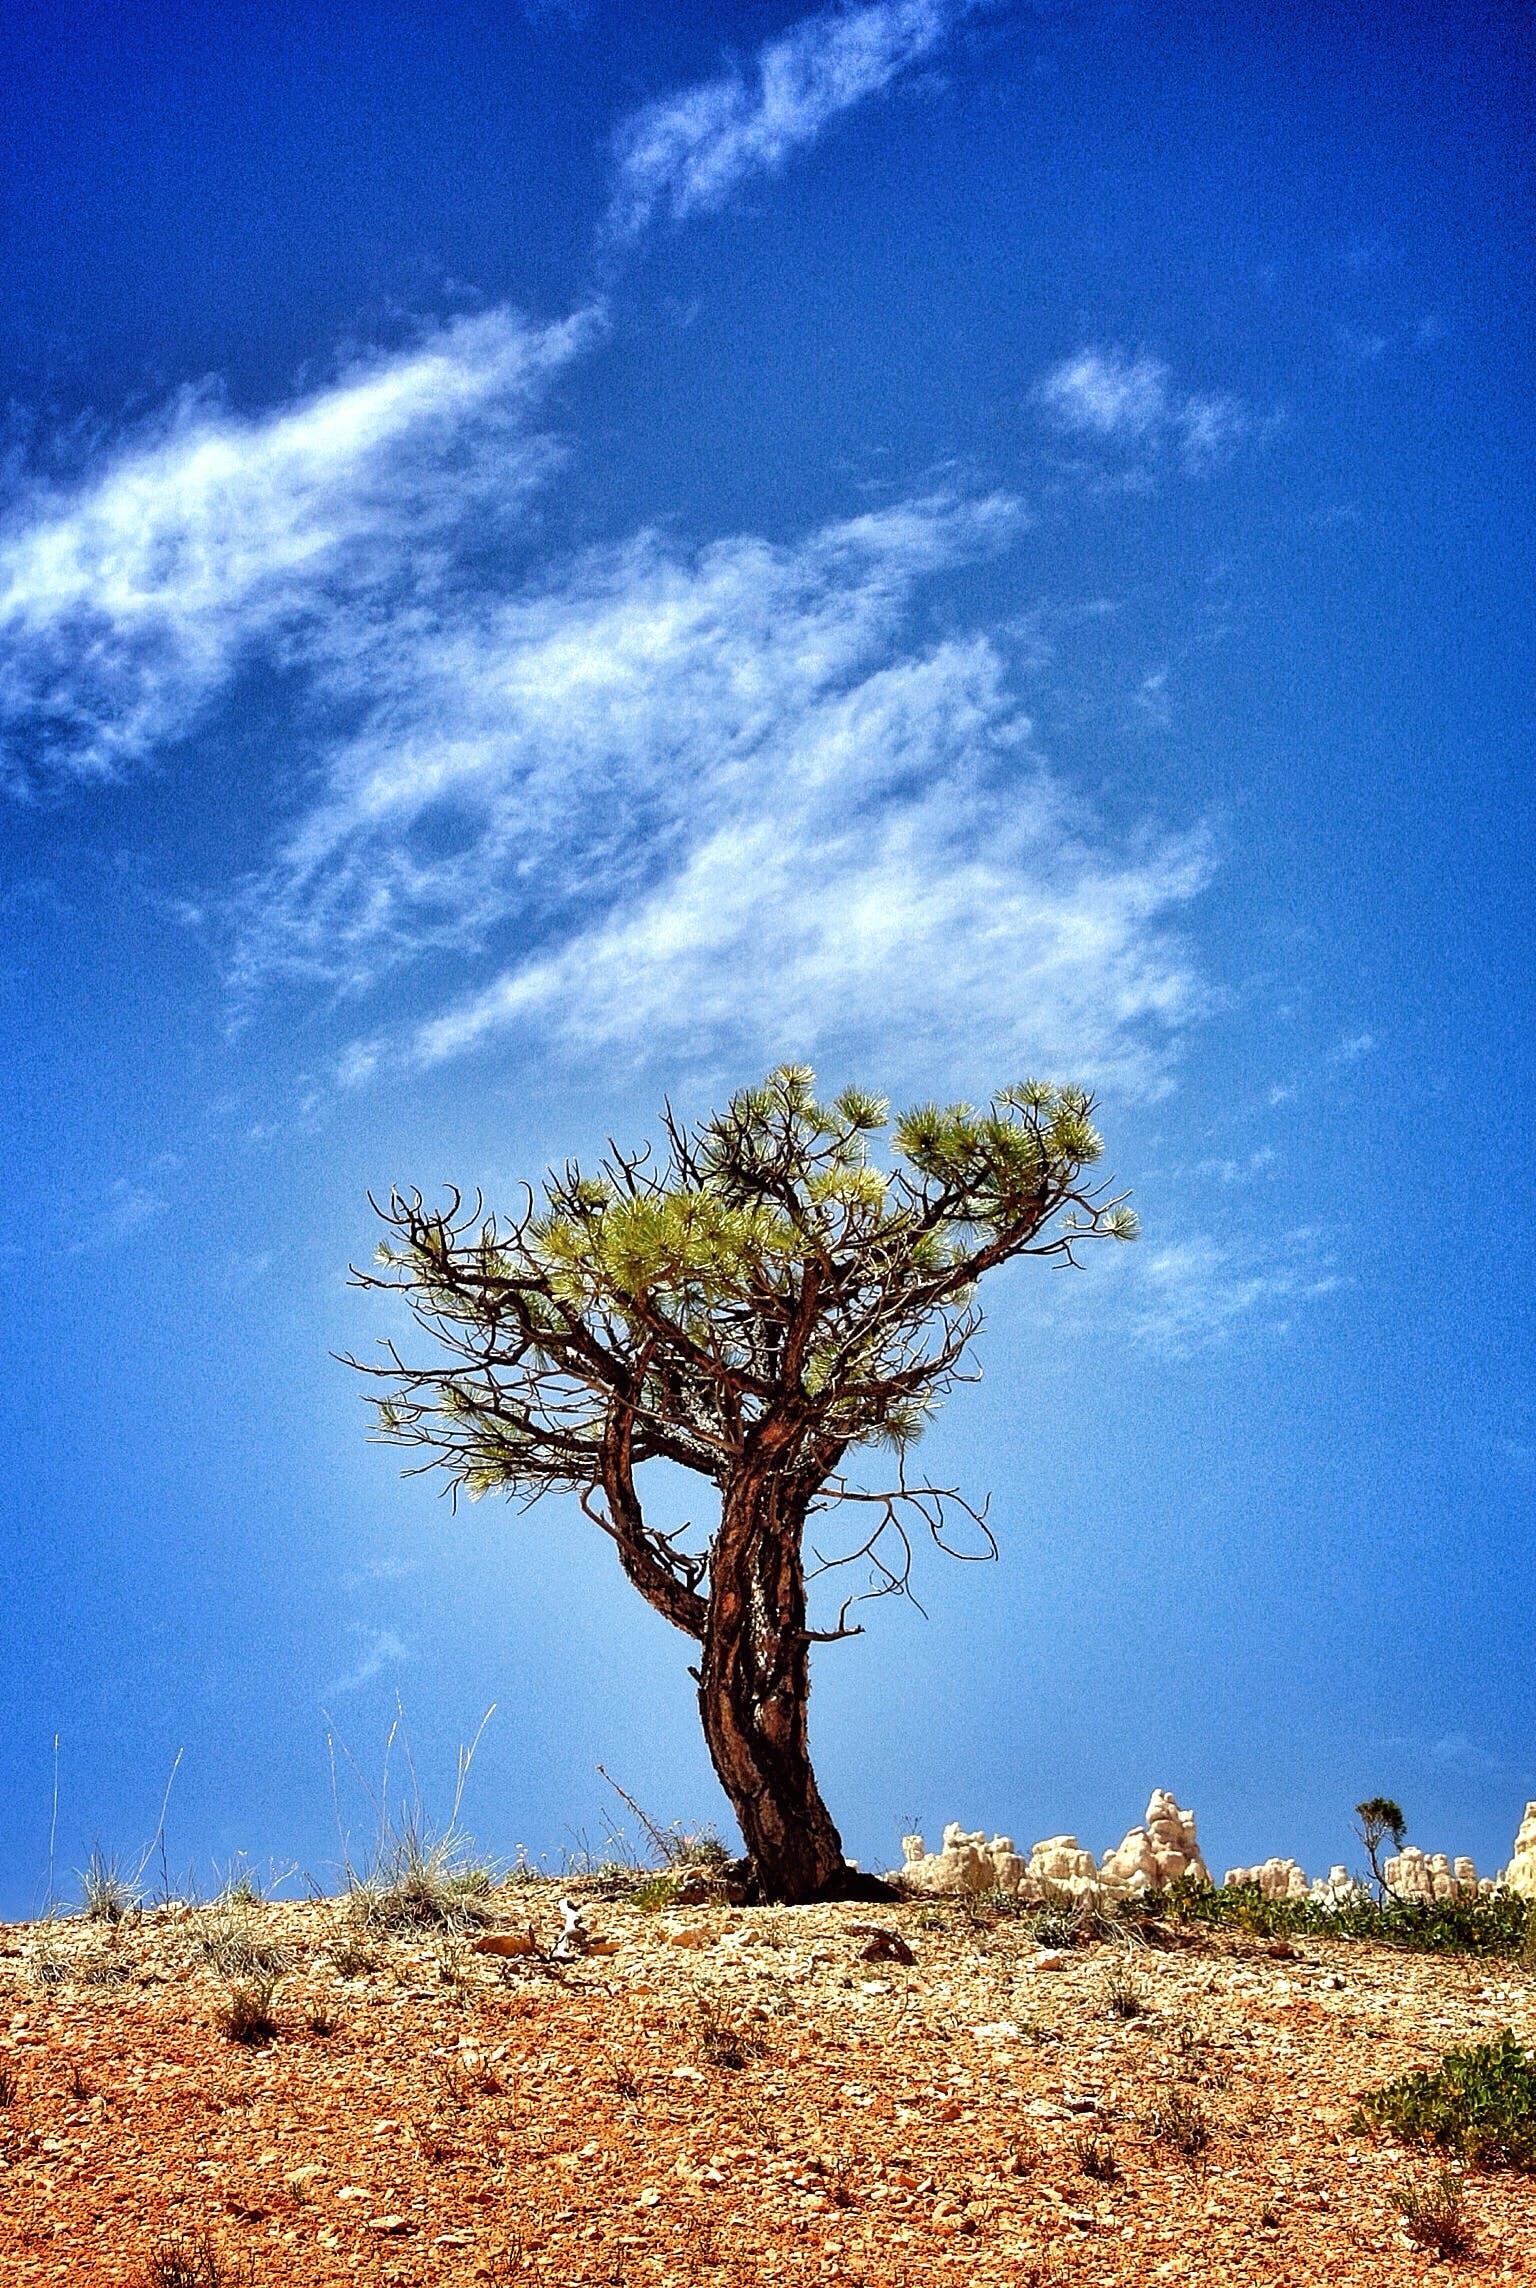 alone, blue sky, cloud